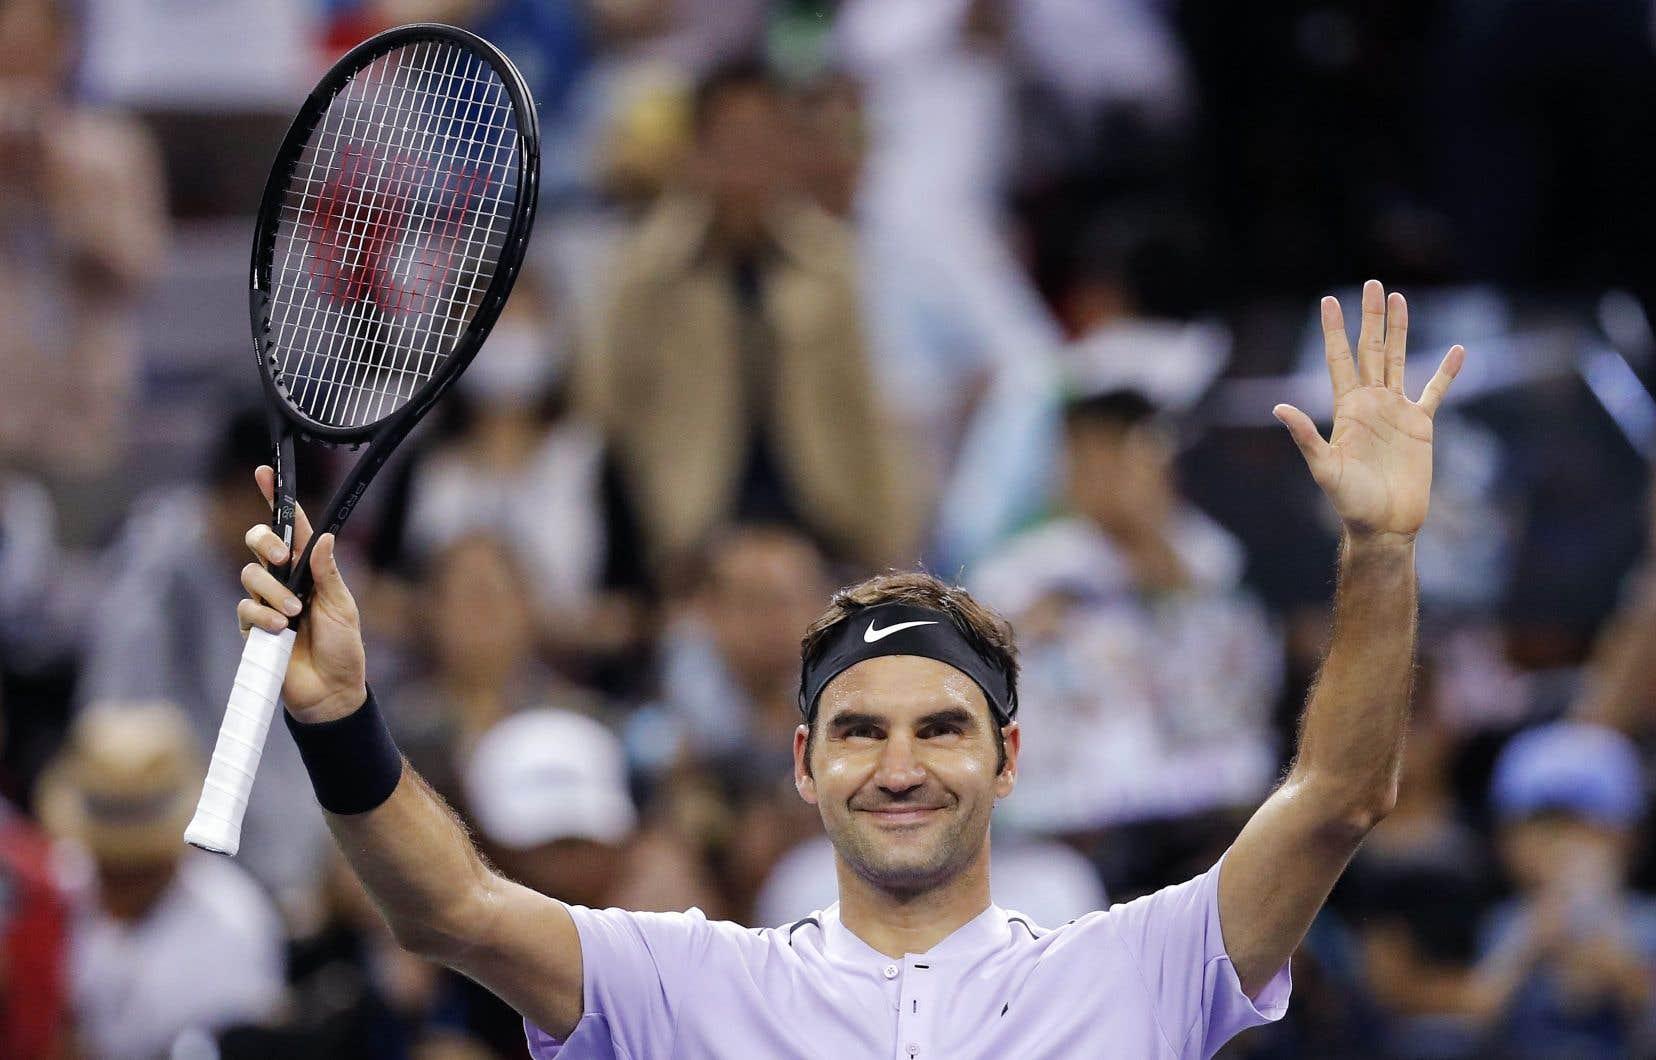 Rafael Nadal et Roger Federer (sur la photo) sont tous deux dans la course pour terminer la saison au premier rang mondial.